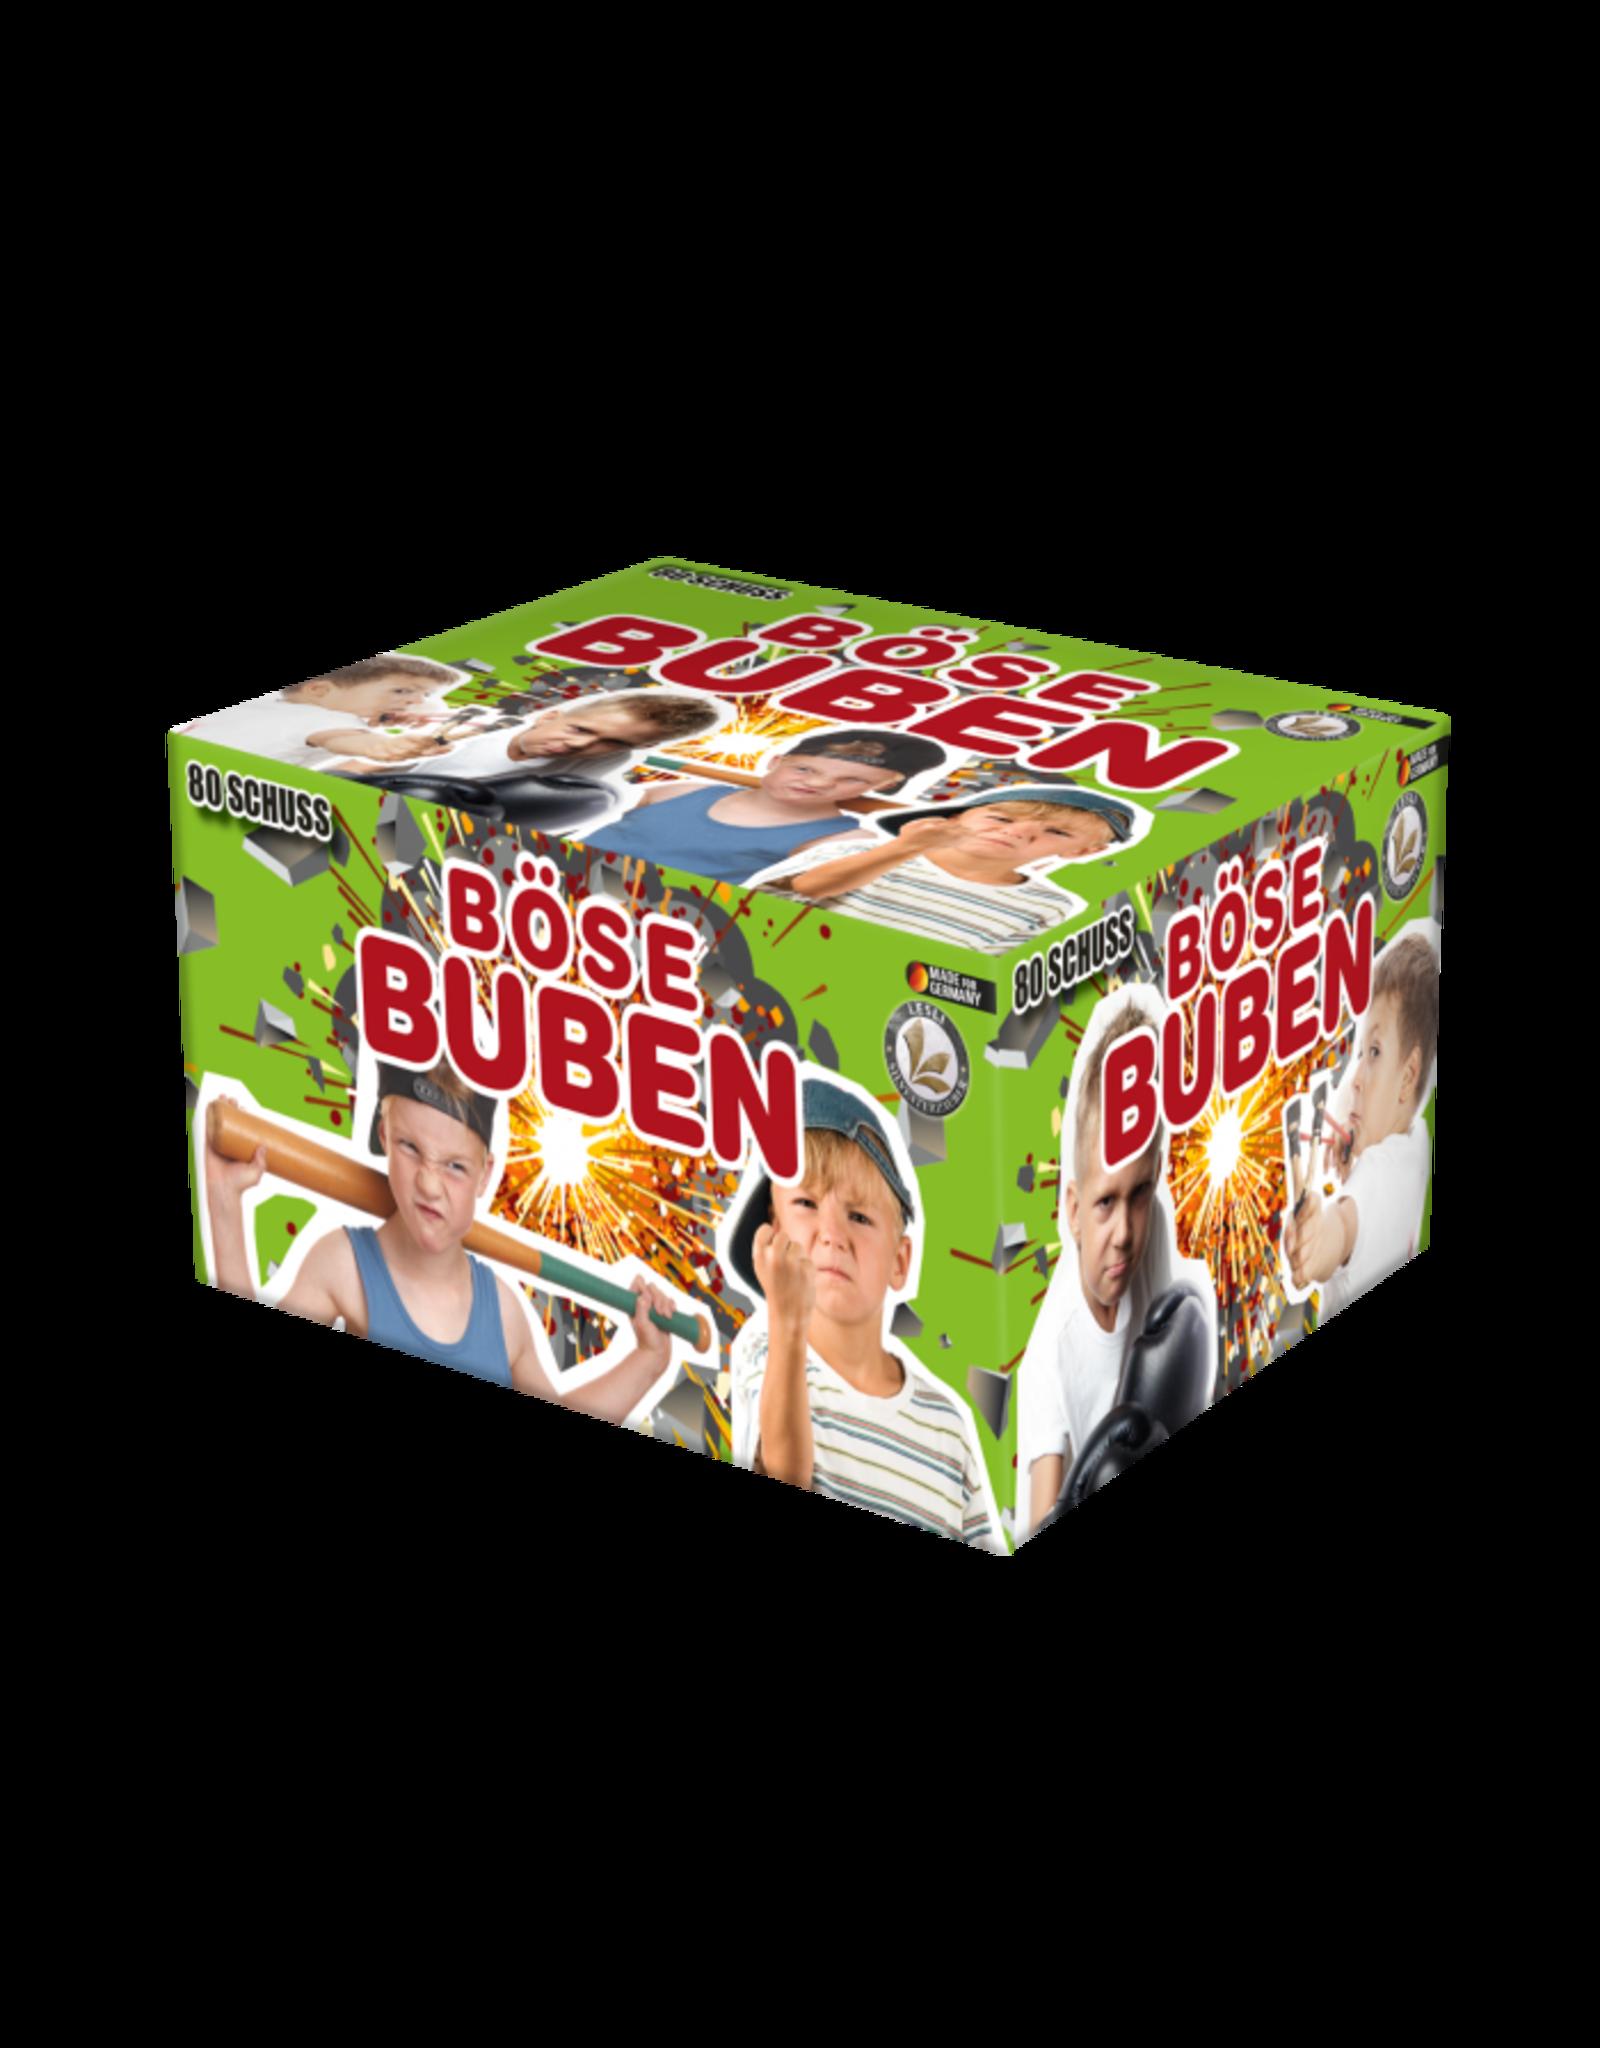 Lesli Vuurwerk Böse Buben 80 shots